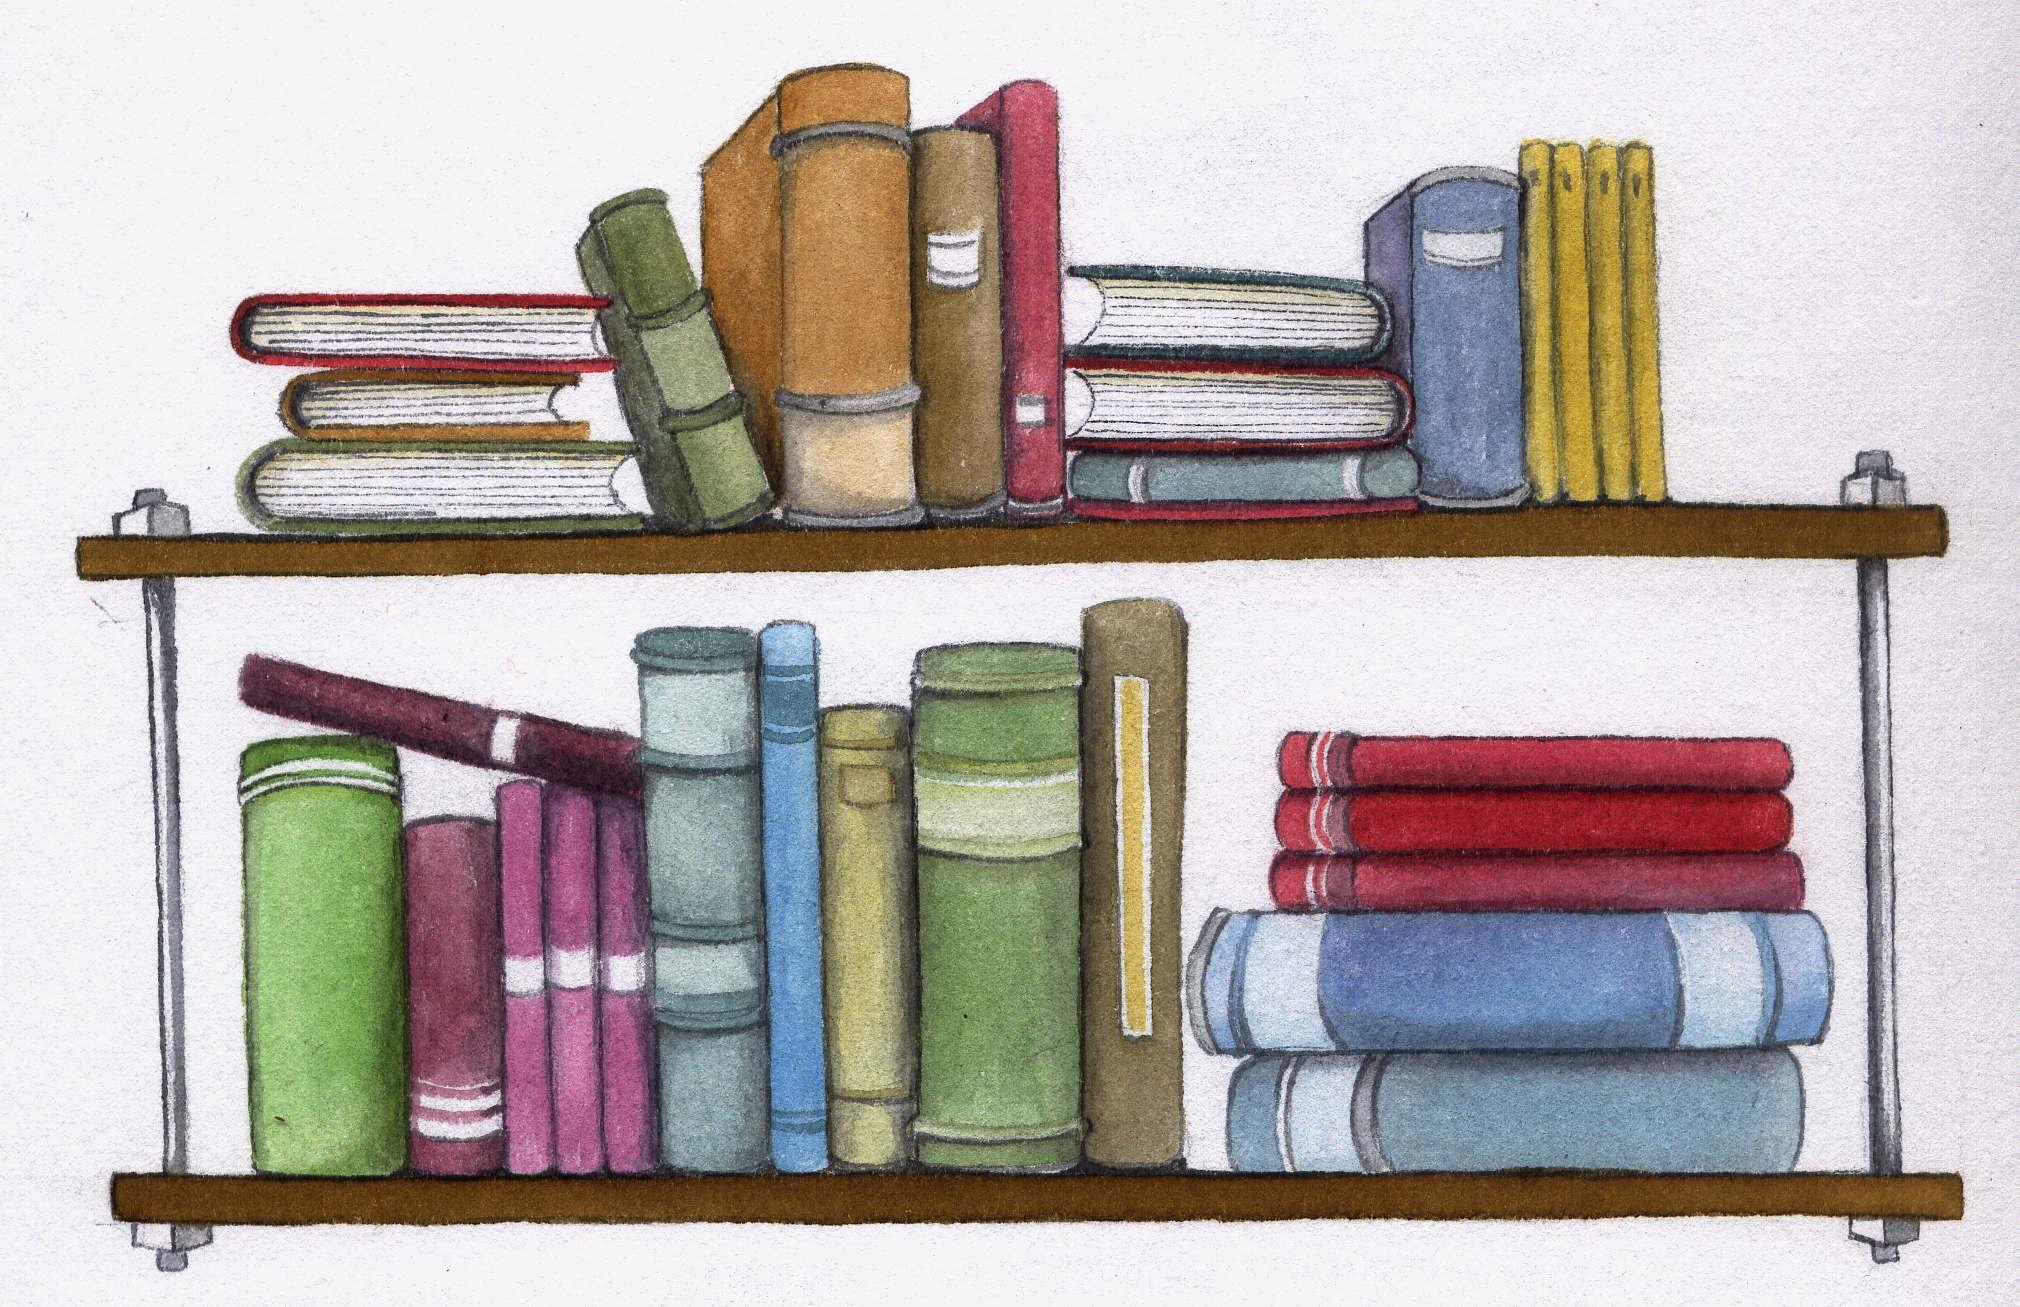 Estanteria de libros estantera para libros infantiles - Estanteria libros infantil ...